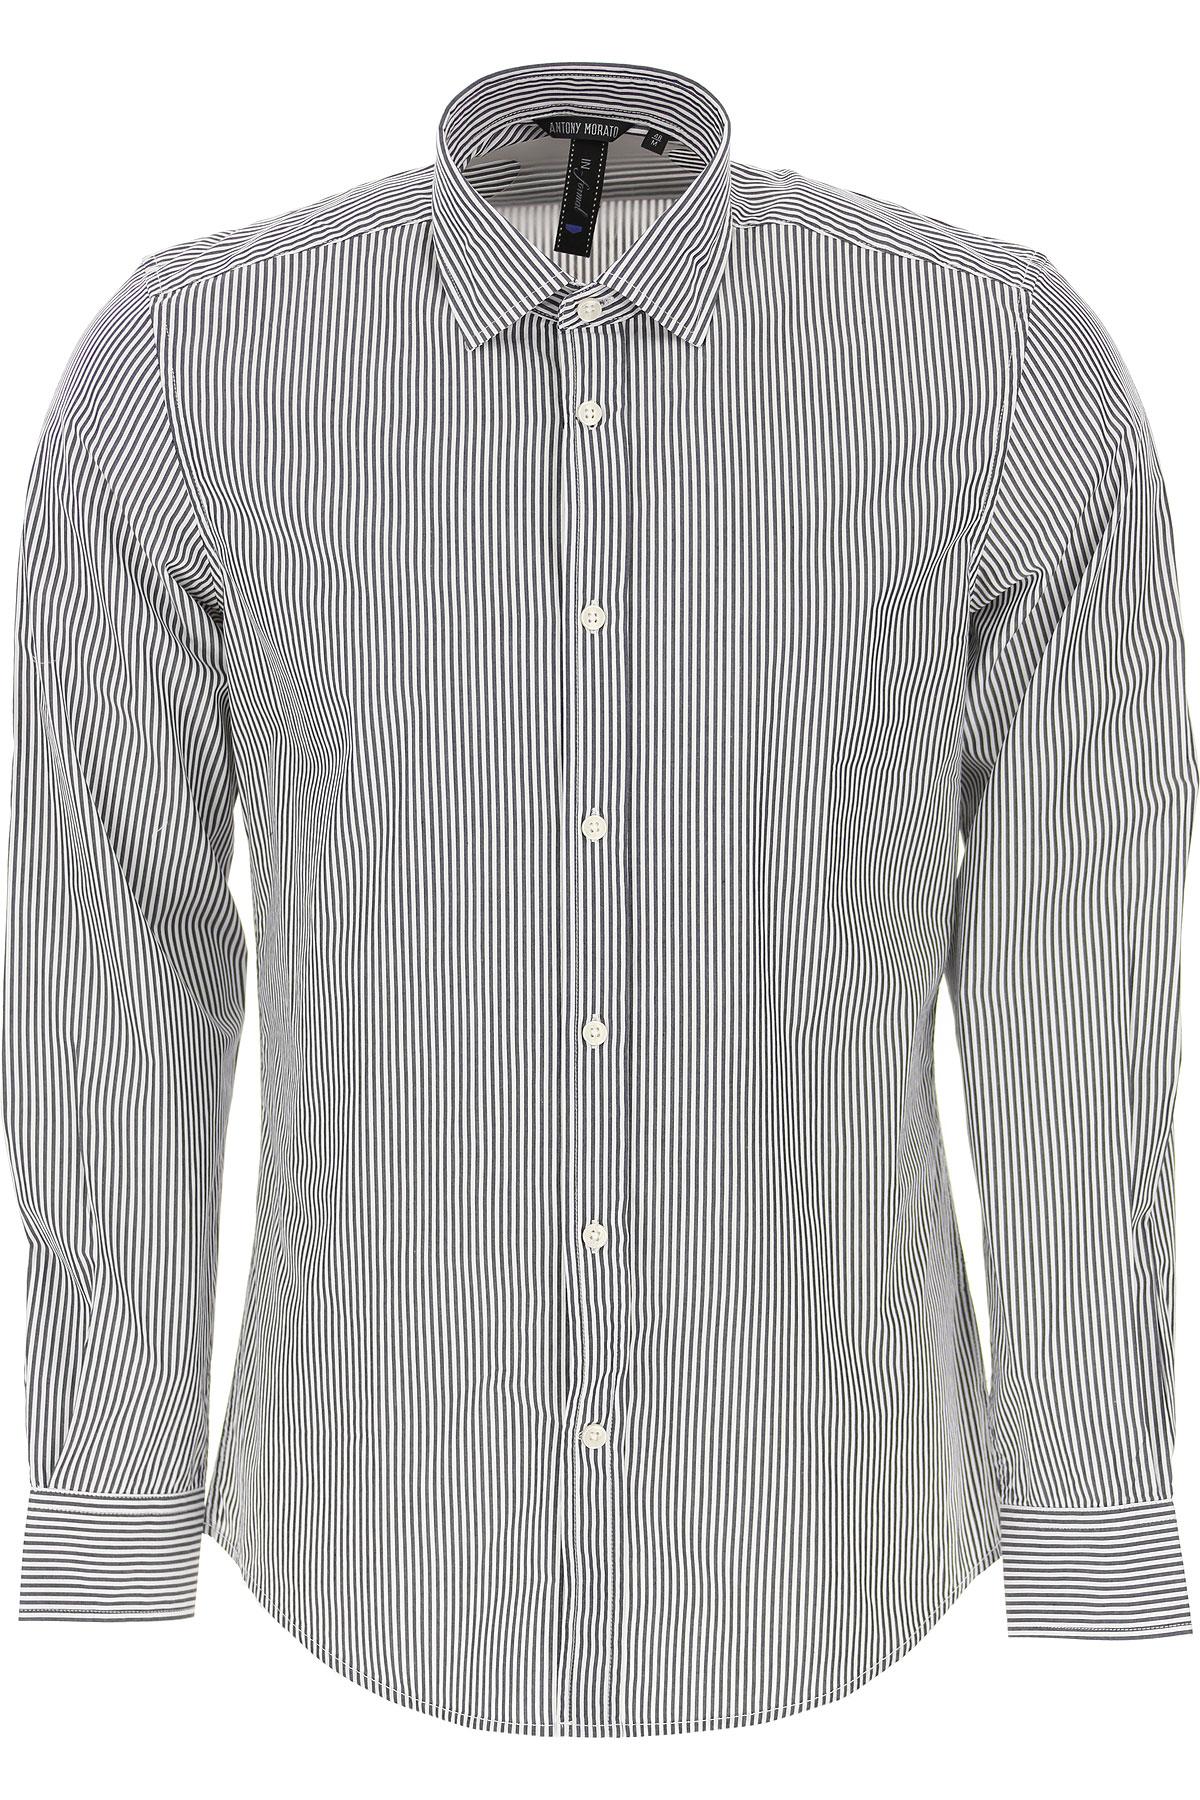 Antony Morato Shirt for Men On Sale, Ink Blue, Cotton, 2019, L M S XL XS